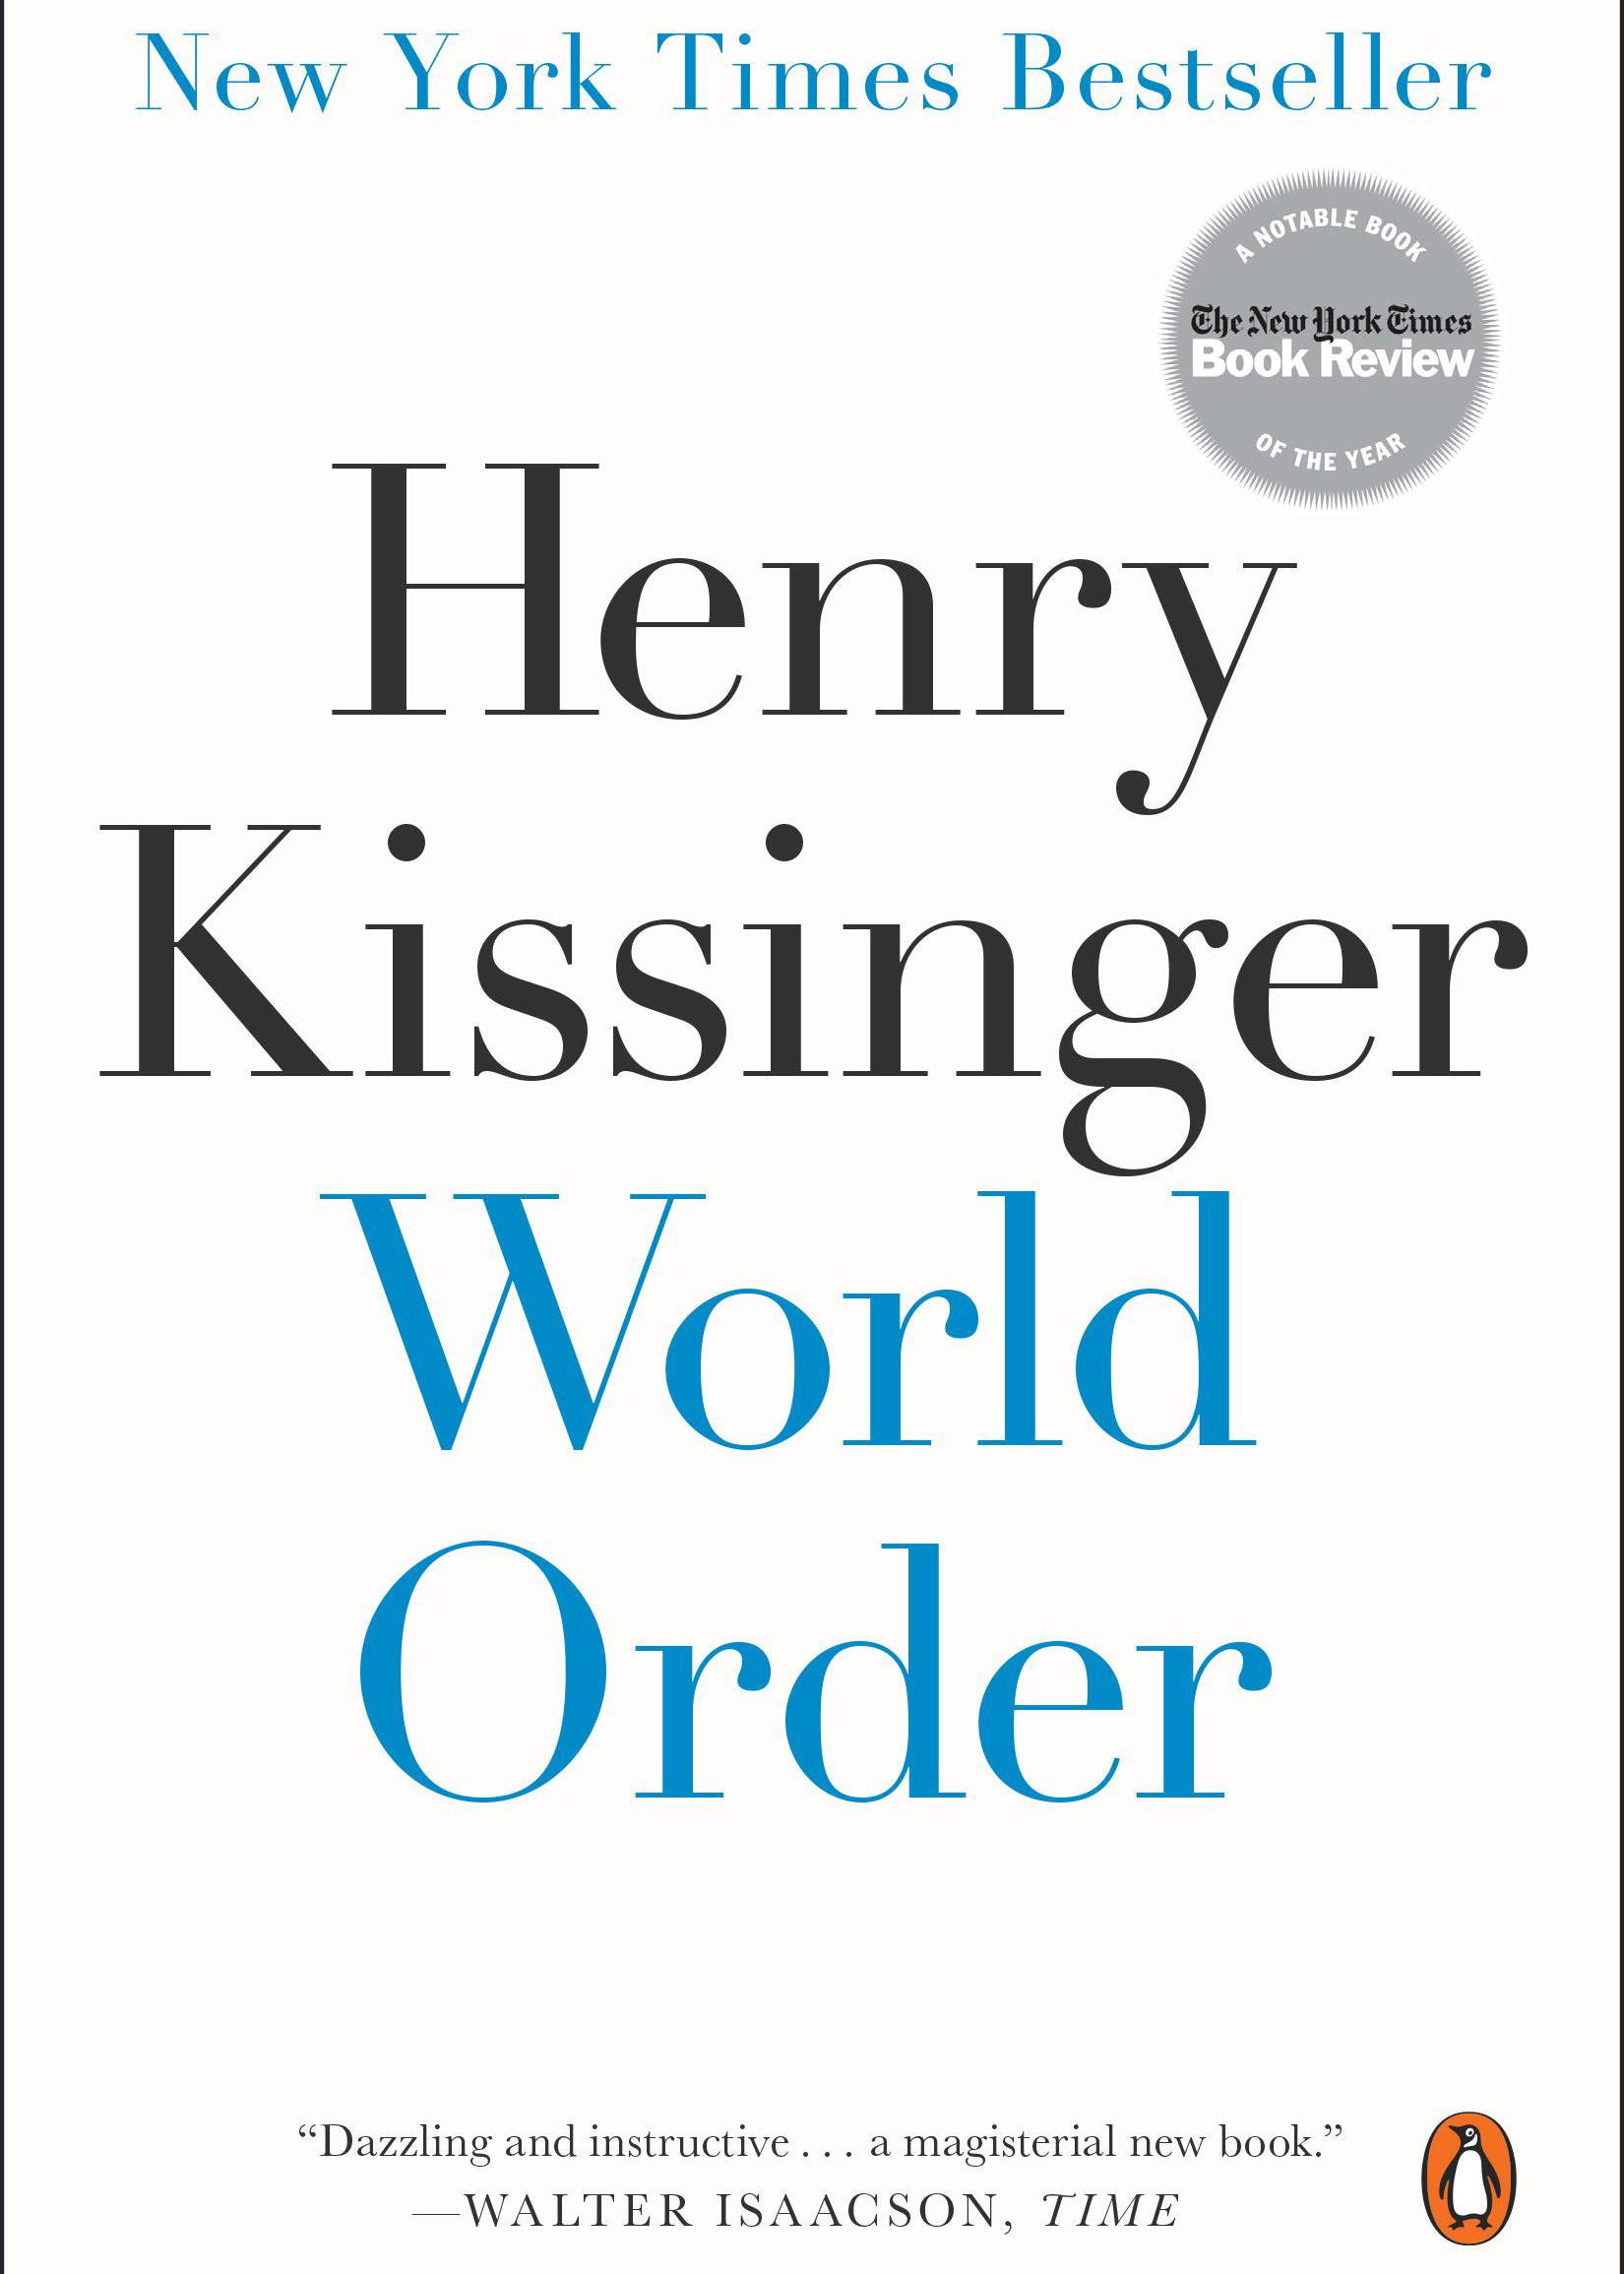 Kissinger, Henry - World Order.jpg